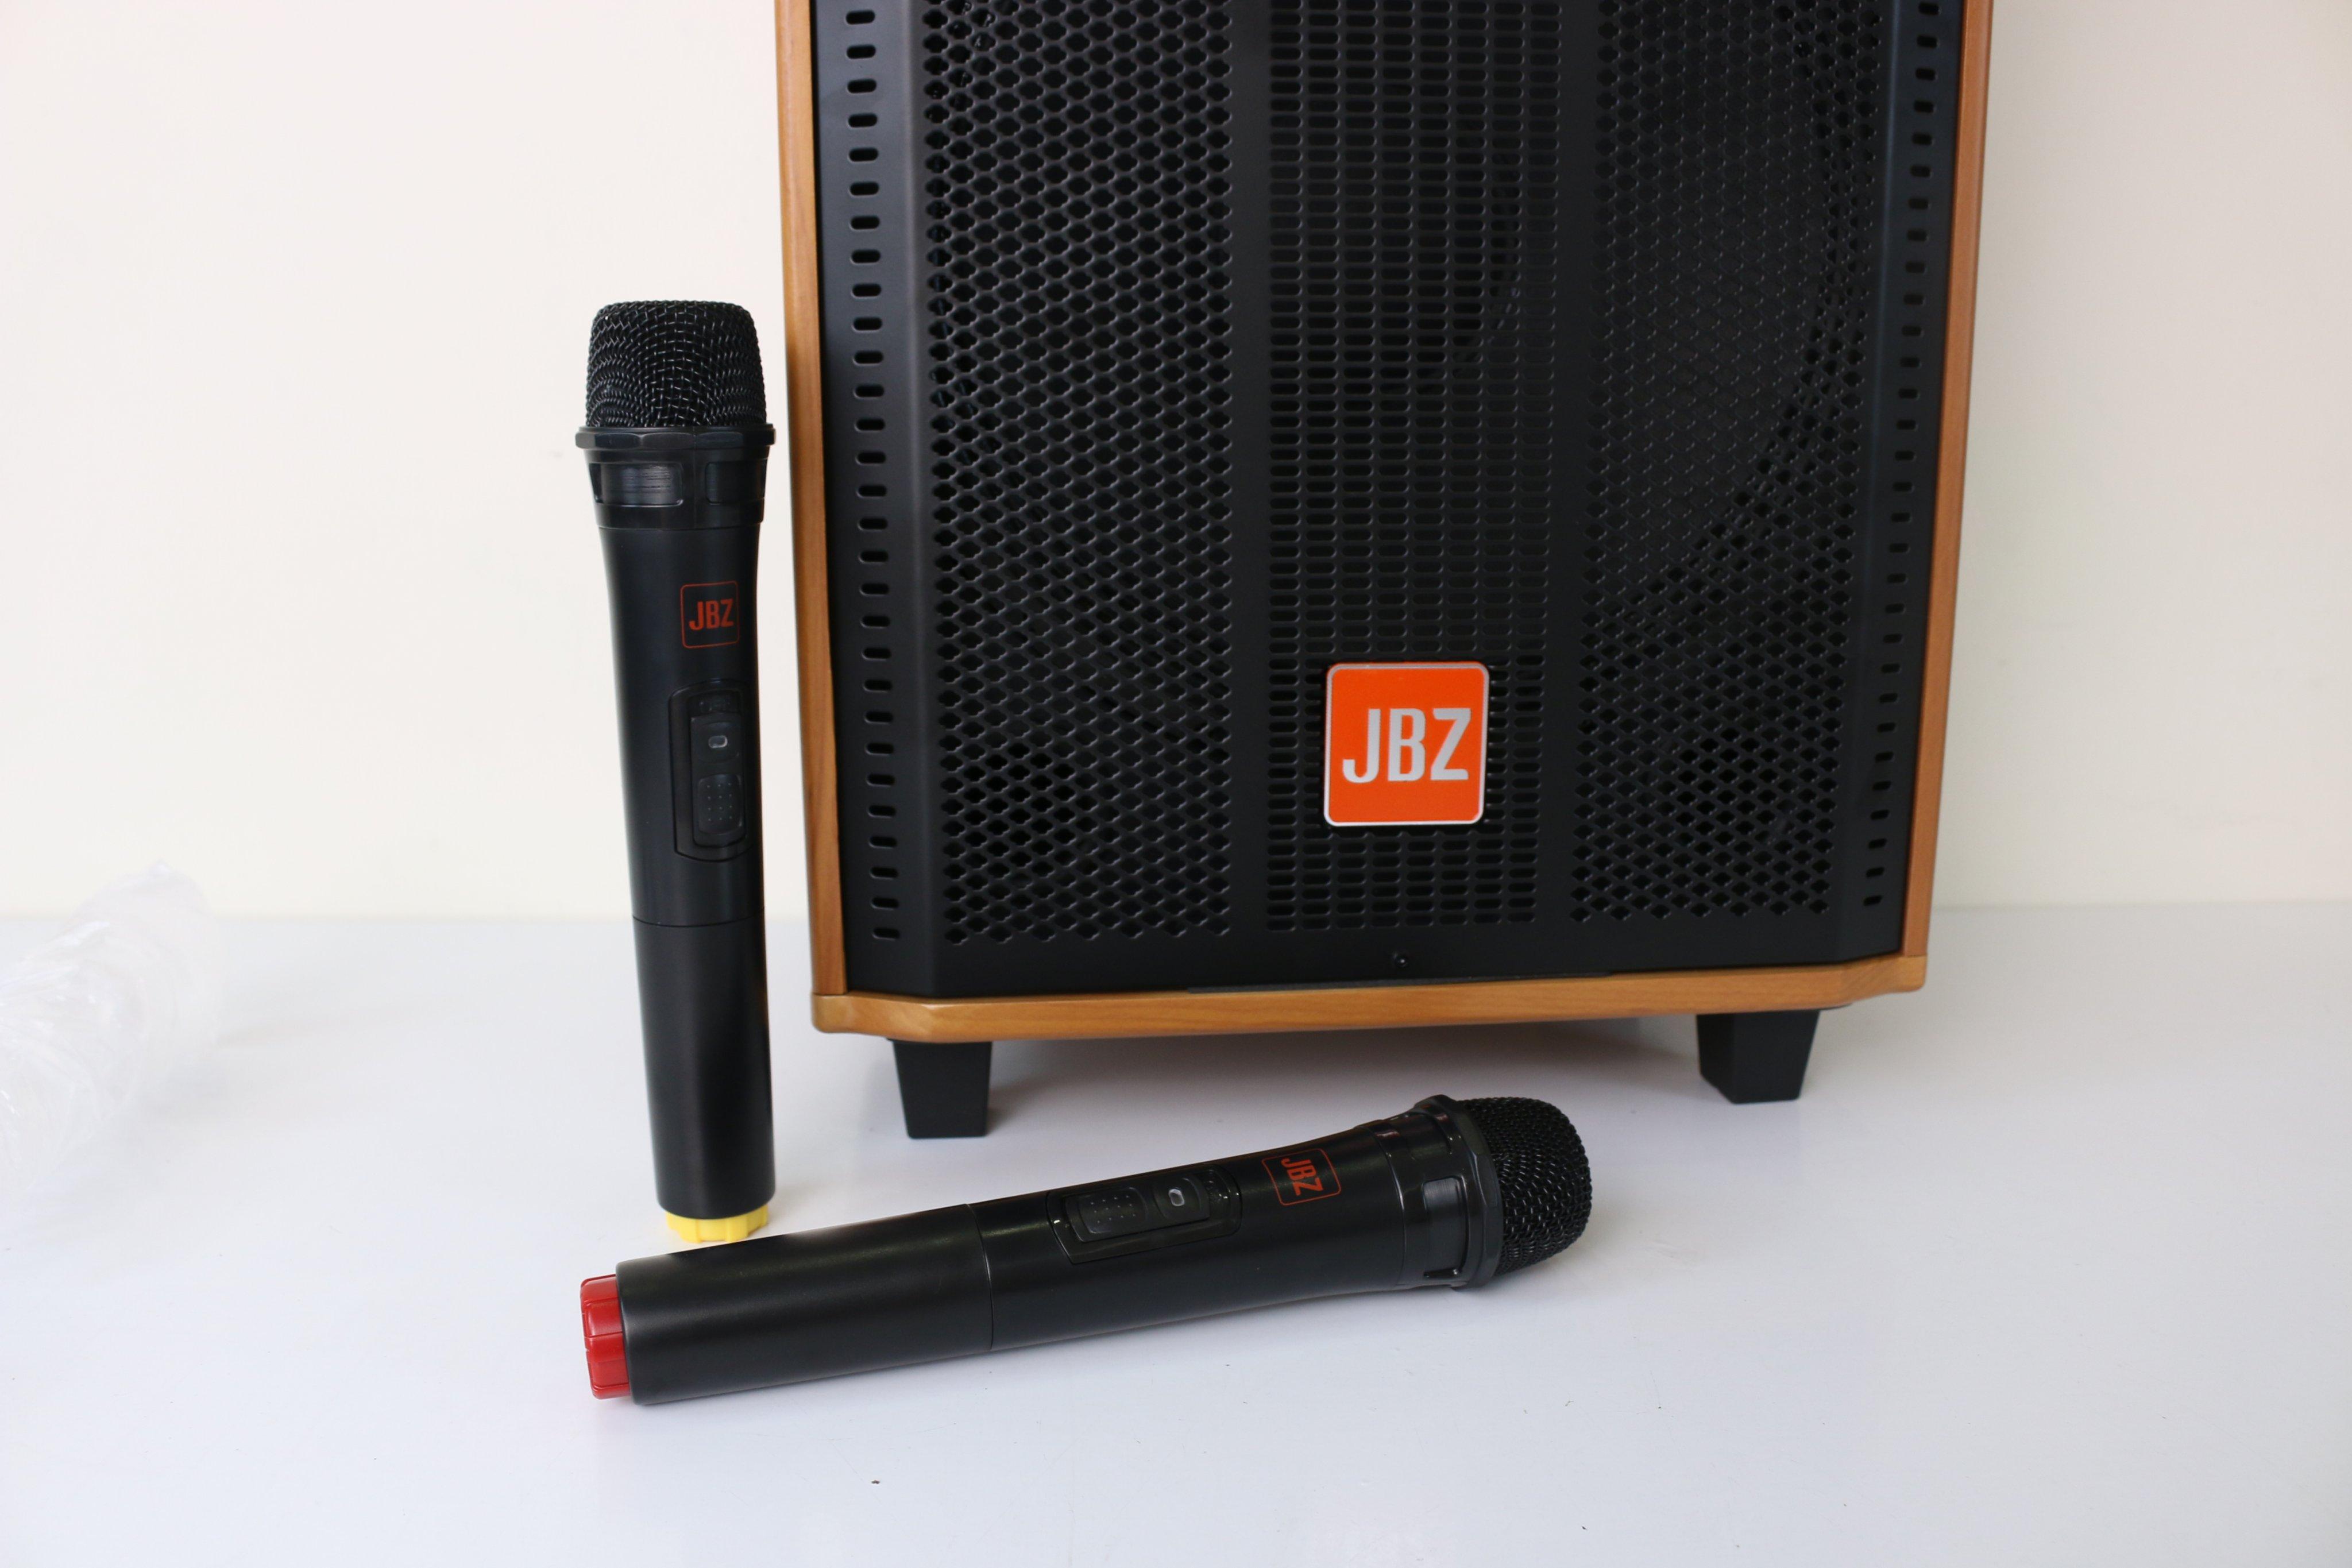 Loa kéo JBZ J8 –Kết nối bluetooth V4.0, Công suất 200W - Hàng chính hãng